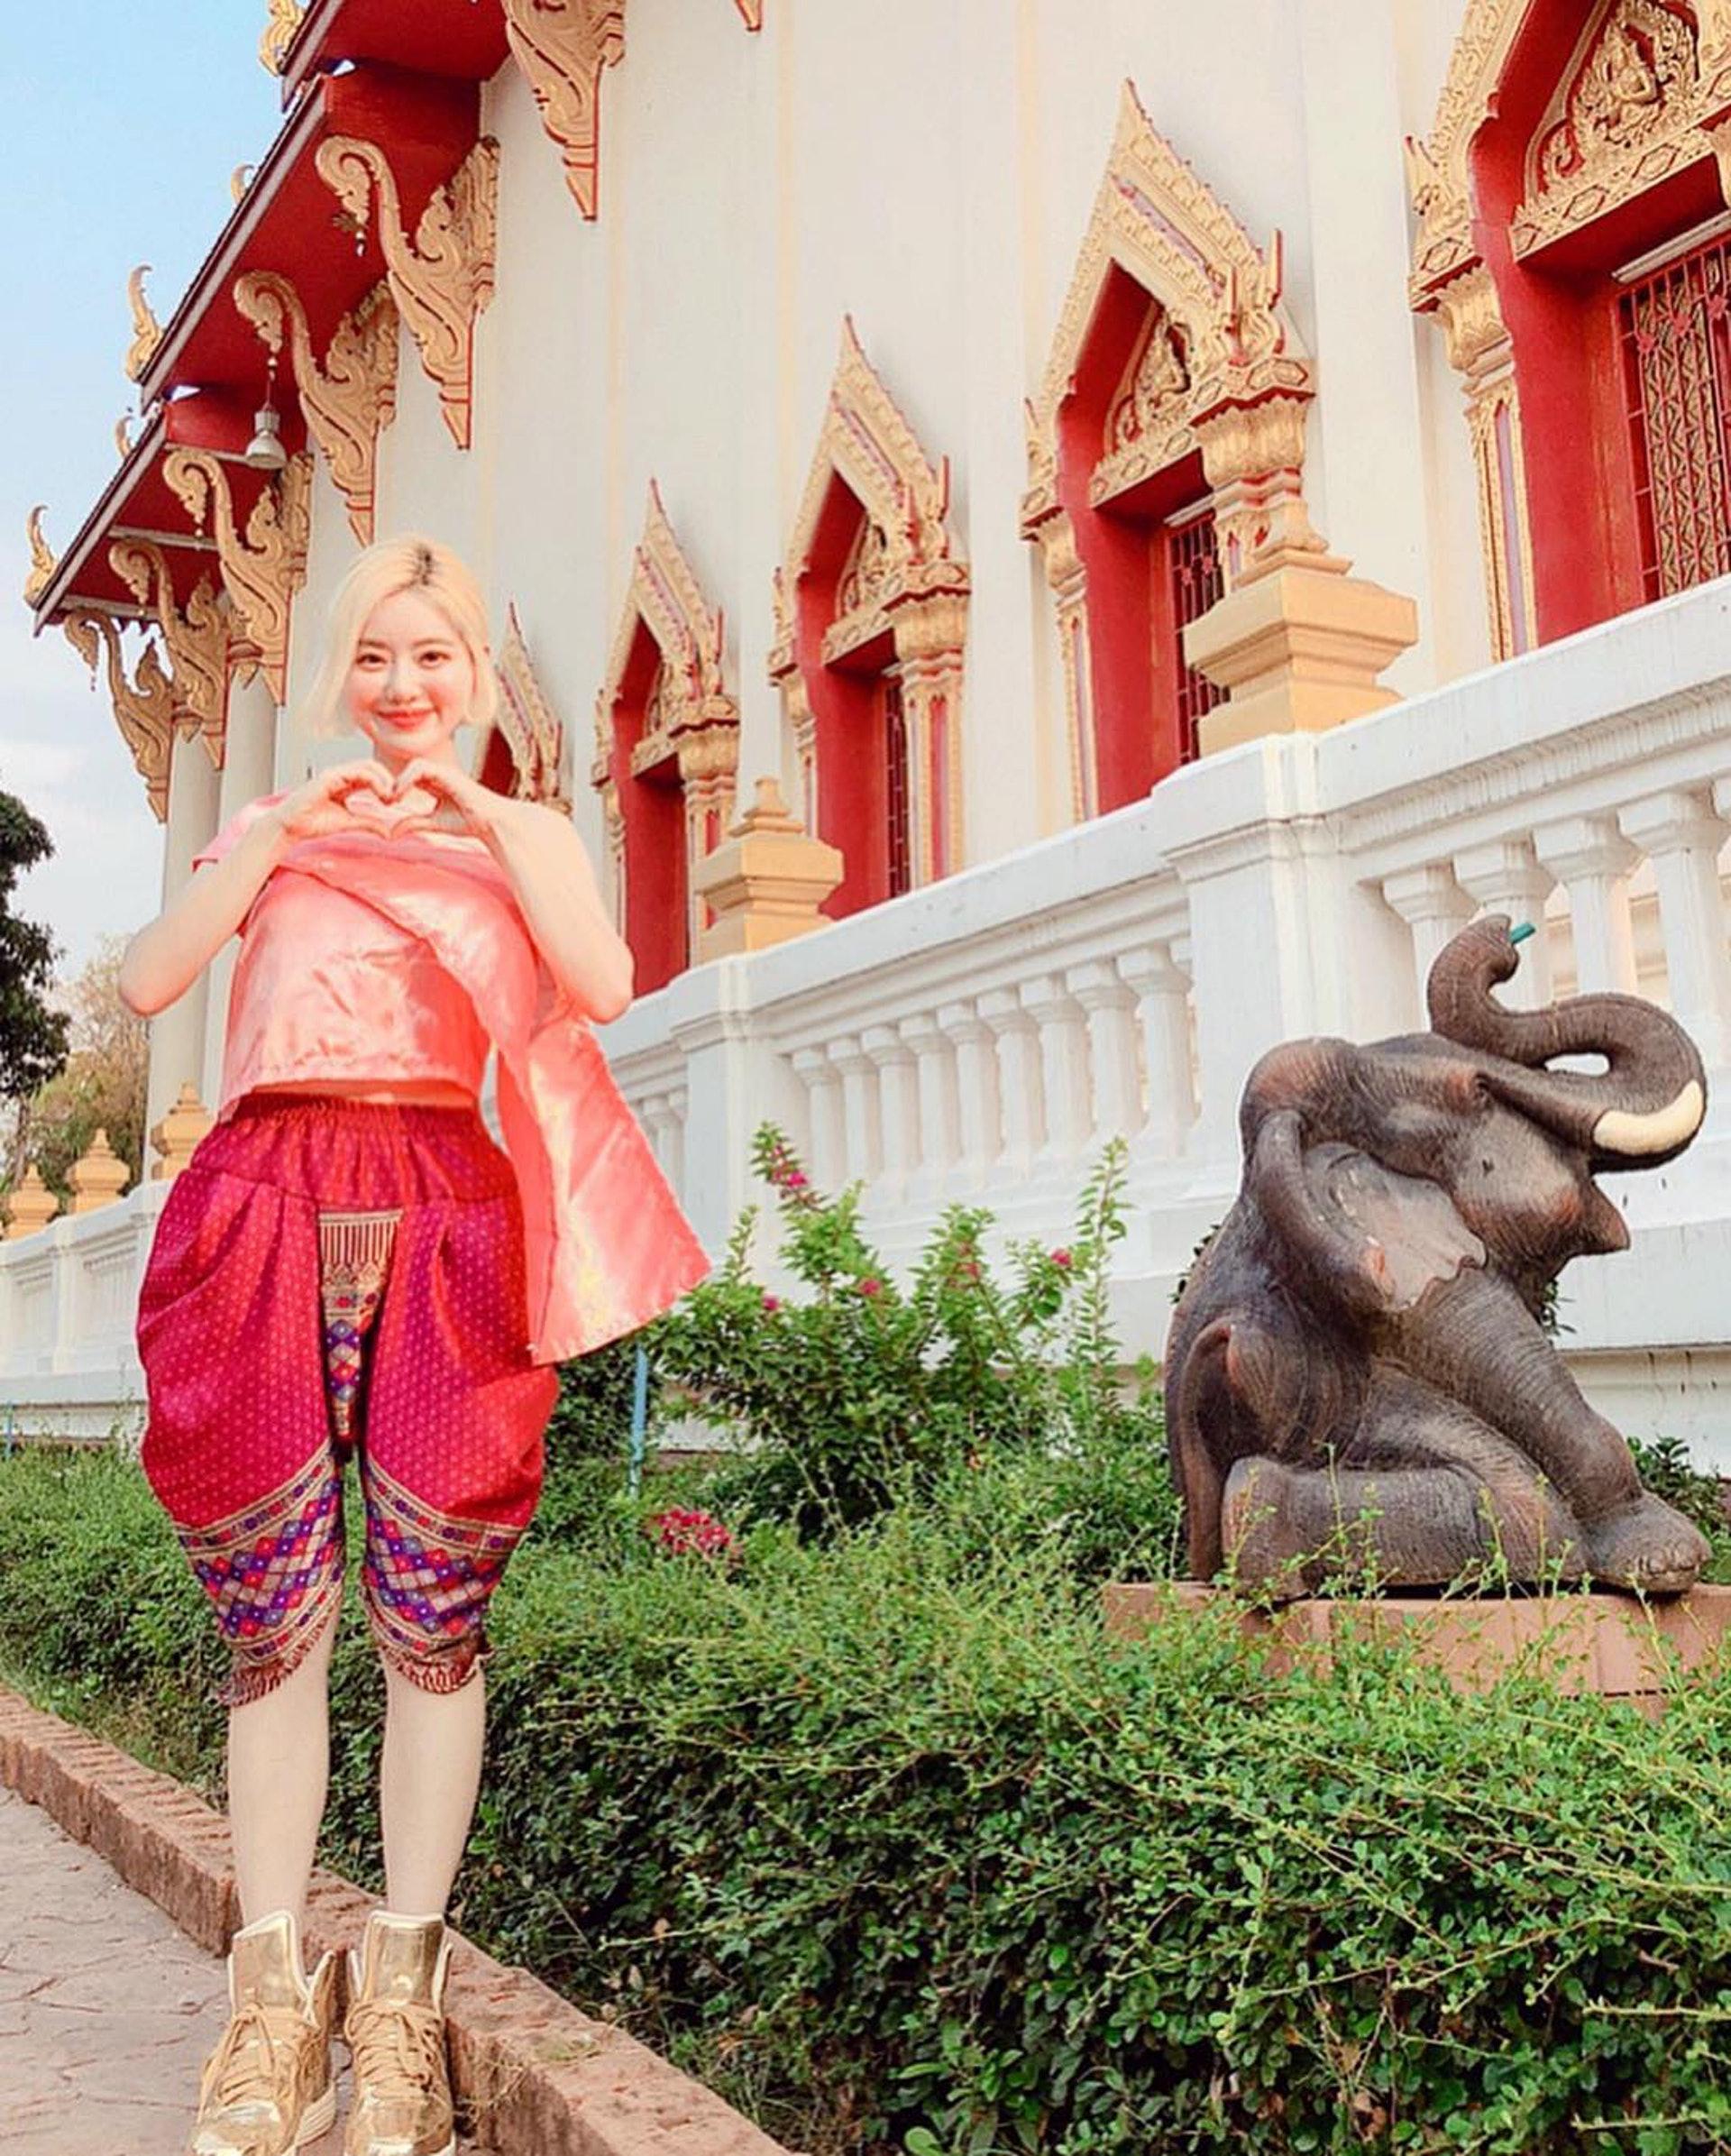 一年一度的潑水節,DJ Soda又到泰國當地打碟兼玩水。(IG圖片)